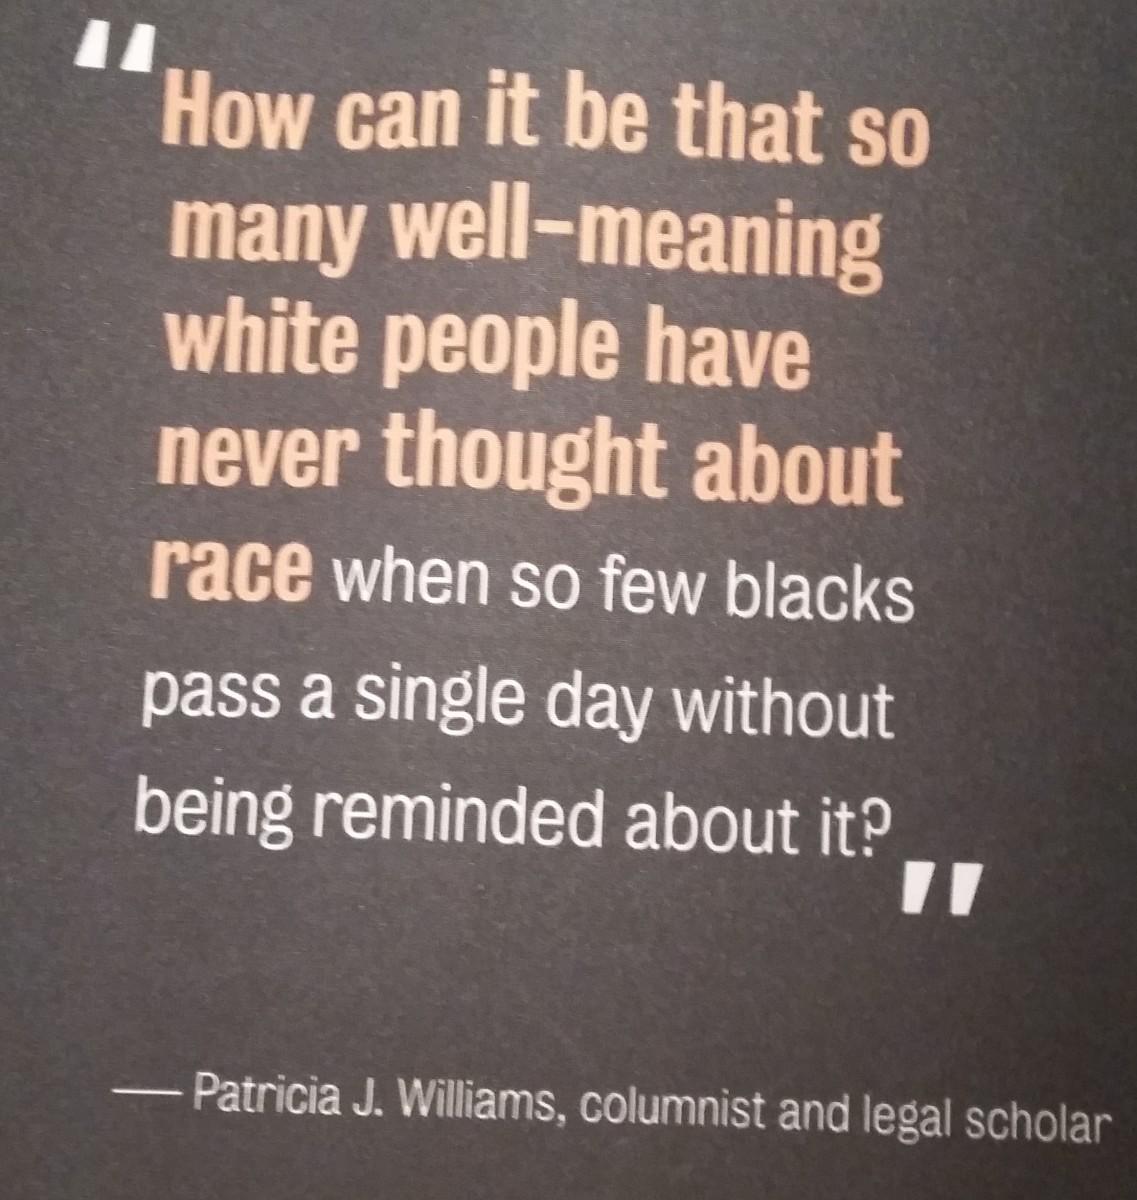 25 Ways to Combat Racism